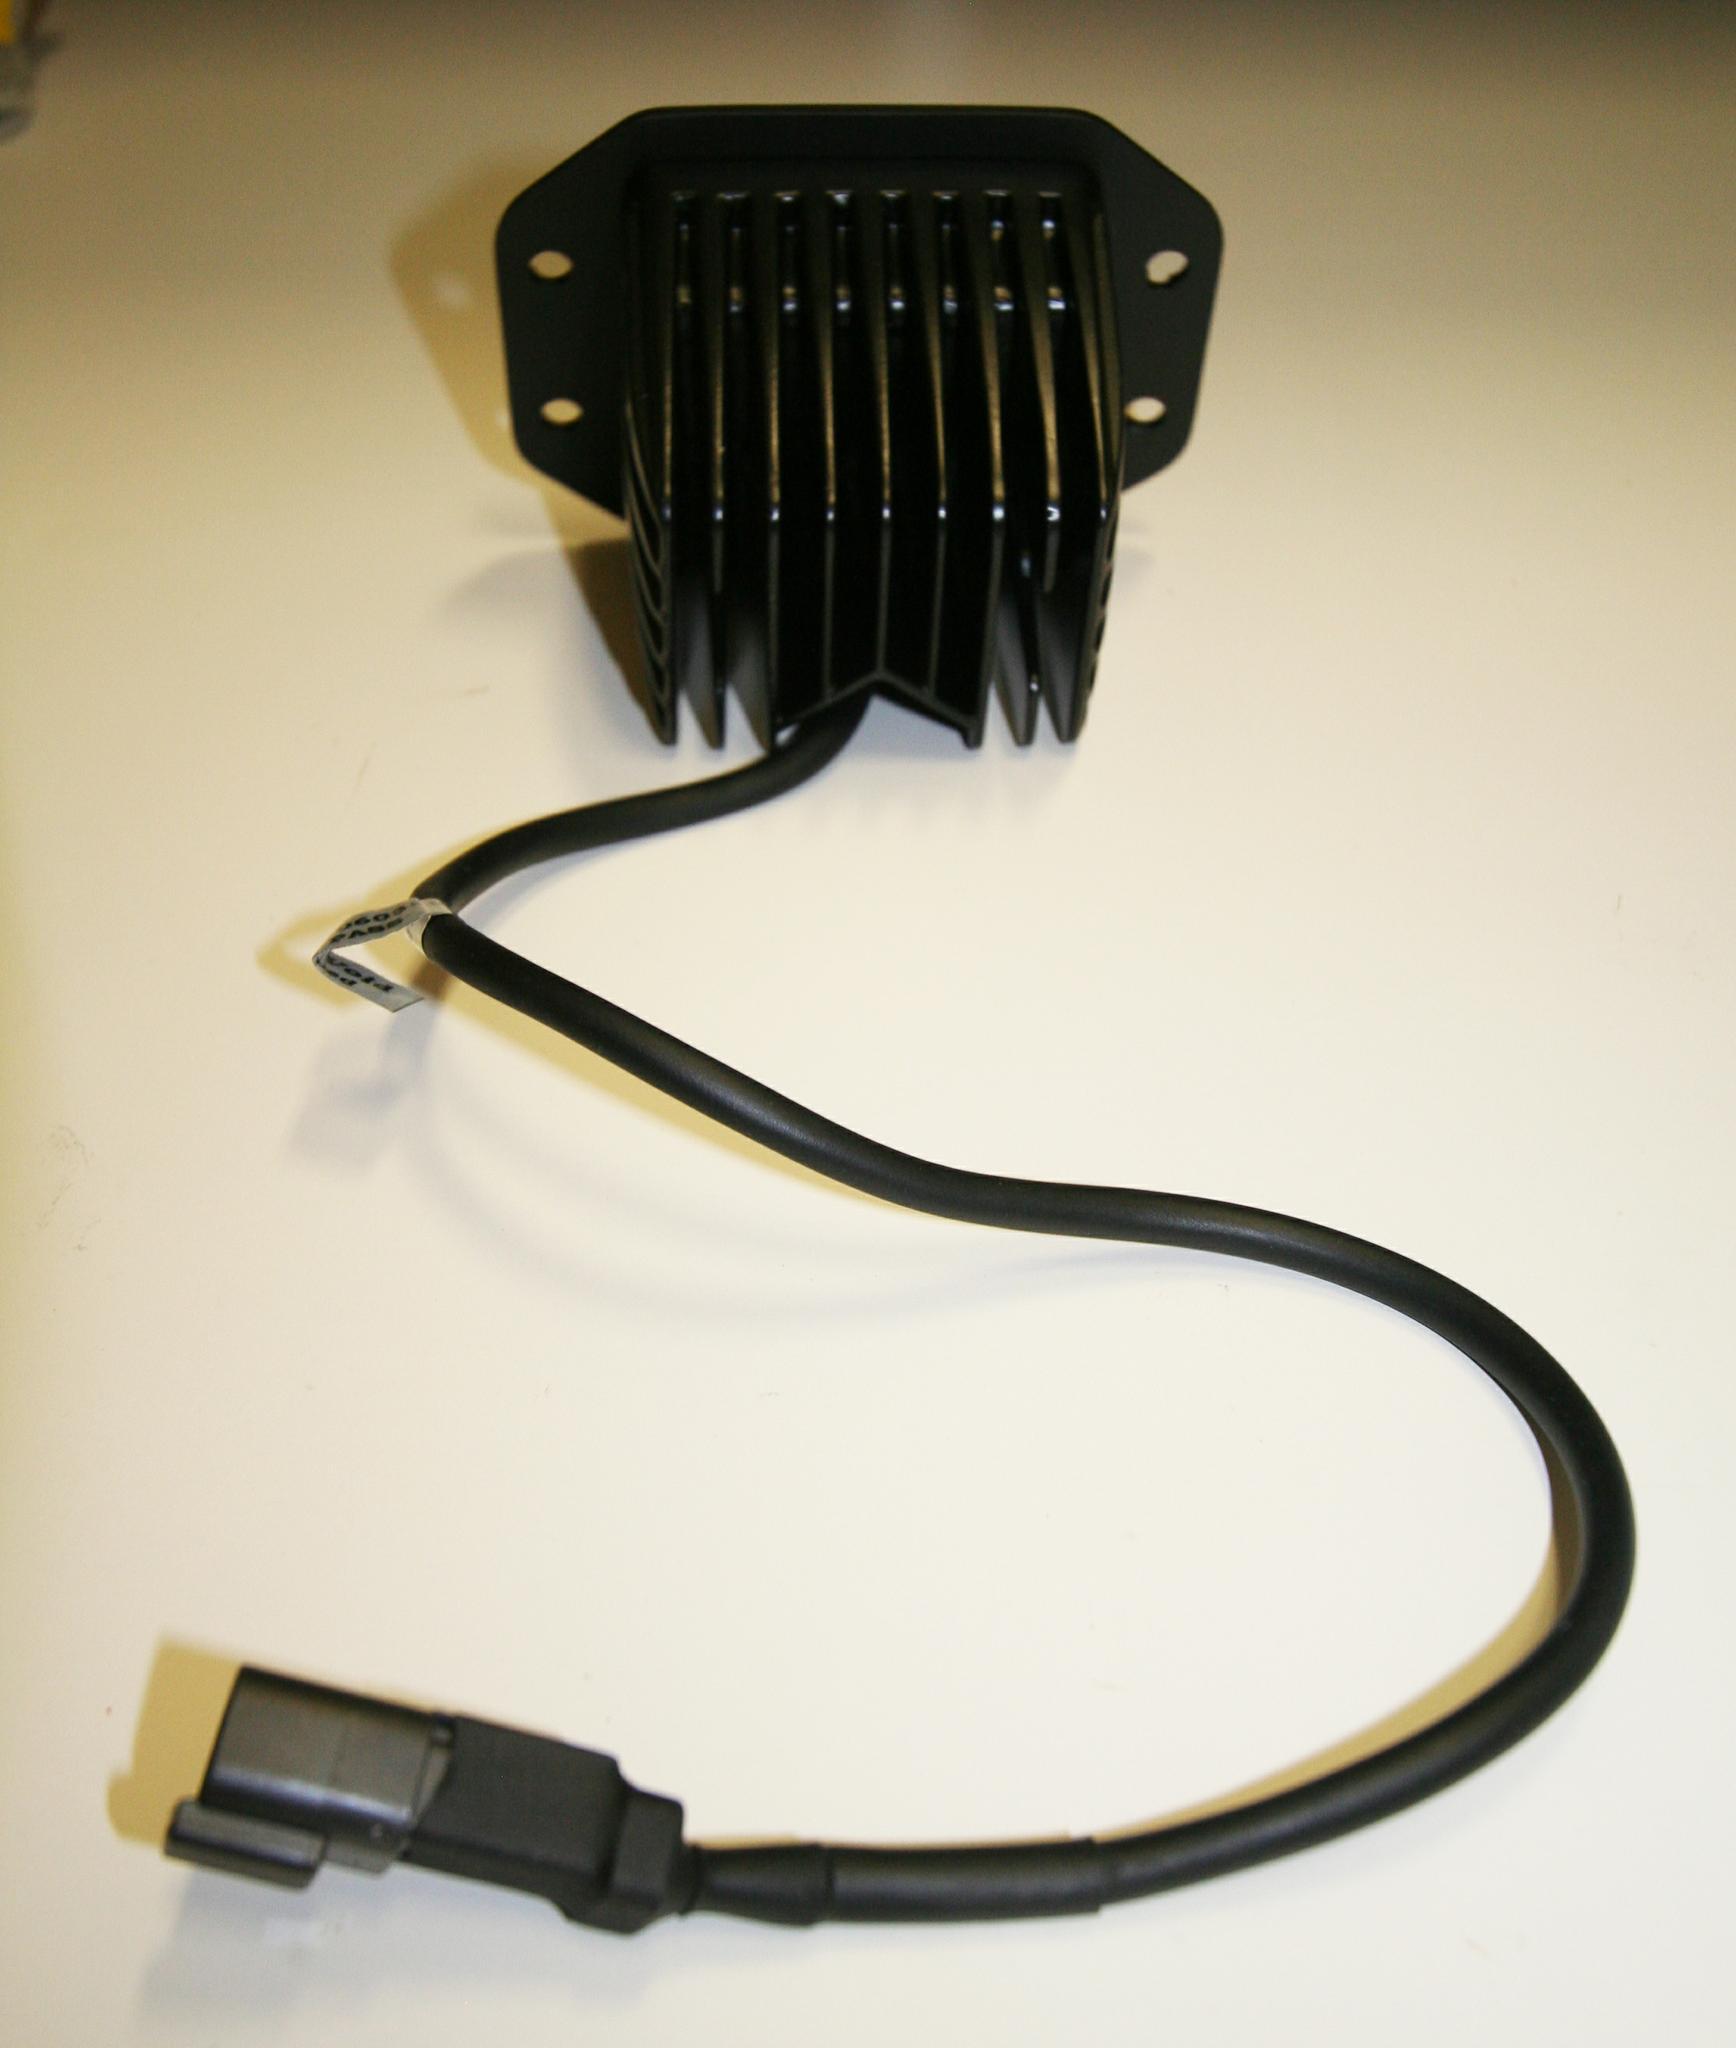 2x18W LED Work/Driving Light 8 Deg SPOT Flush Mount